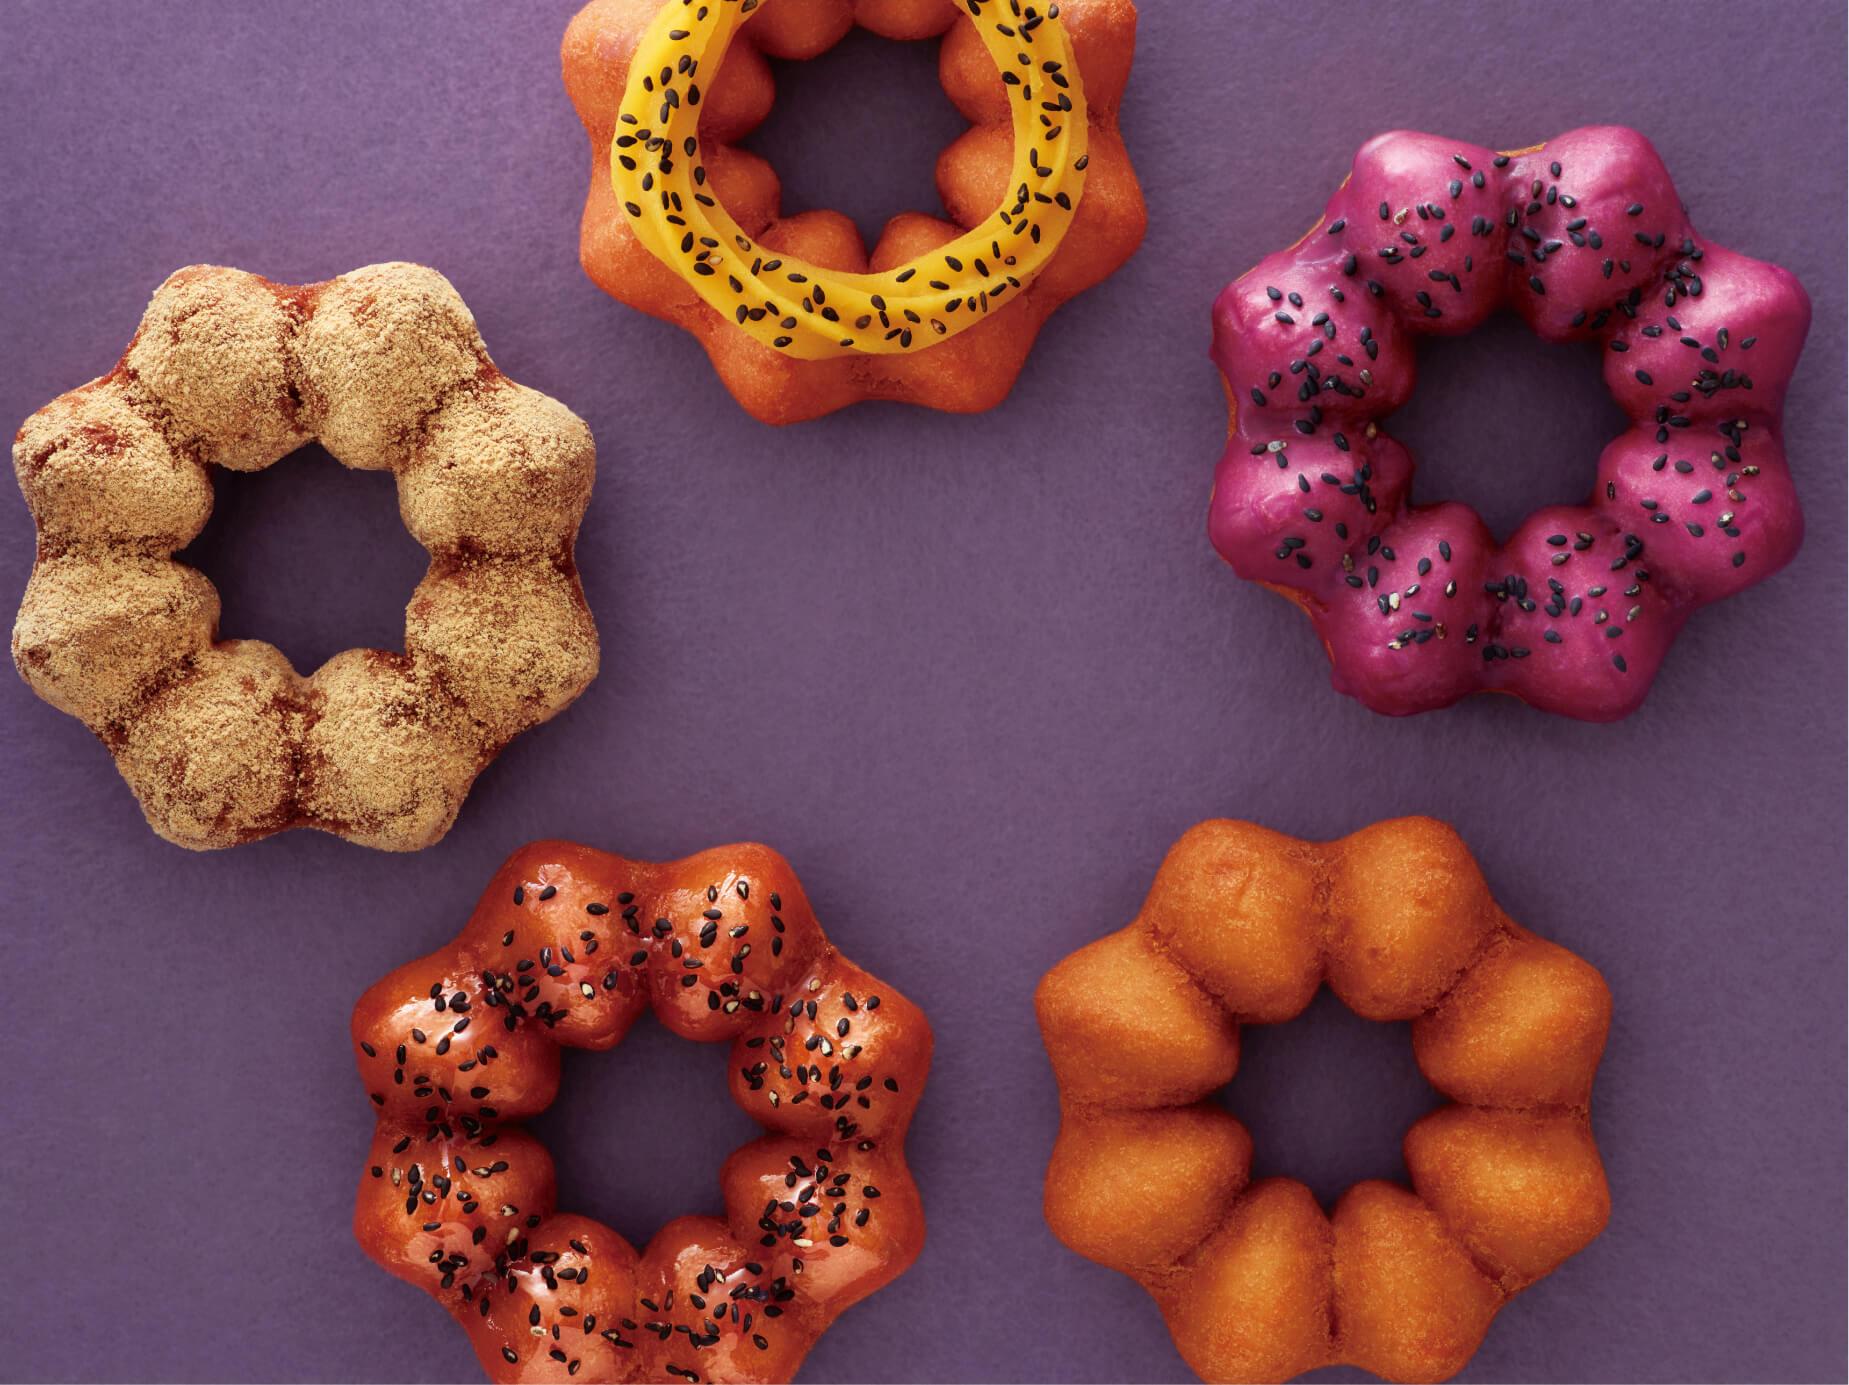 ミスタードーナツ Mister Donut さつもいも スイーツ sweet potato